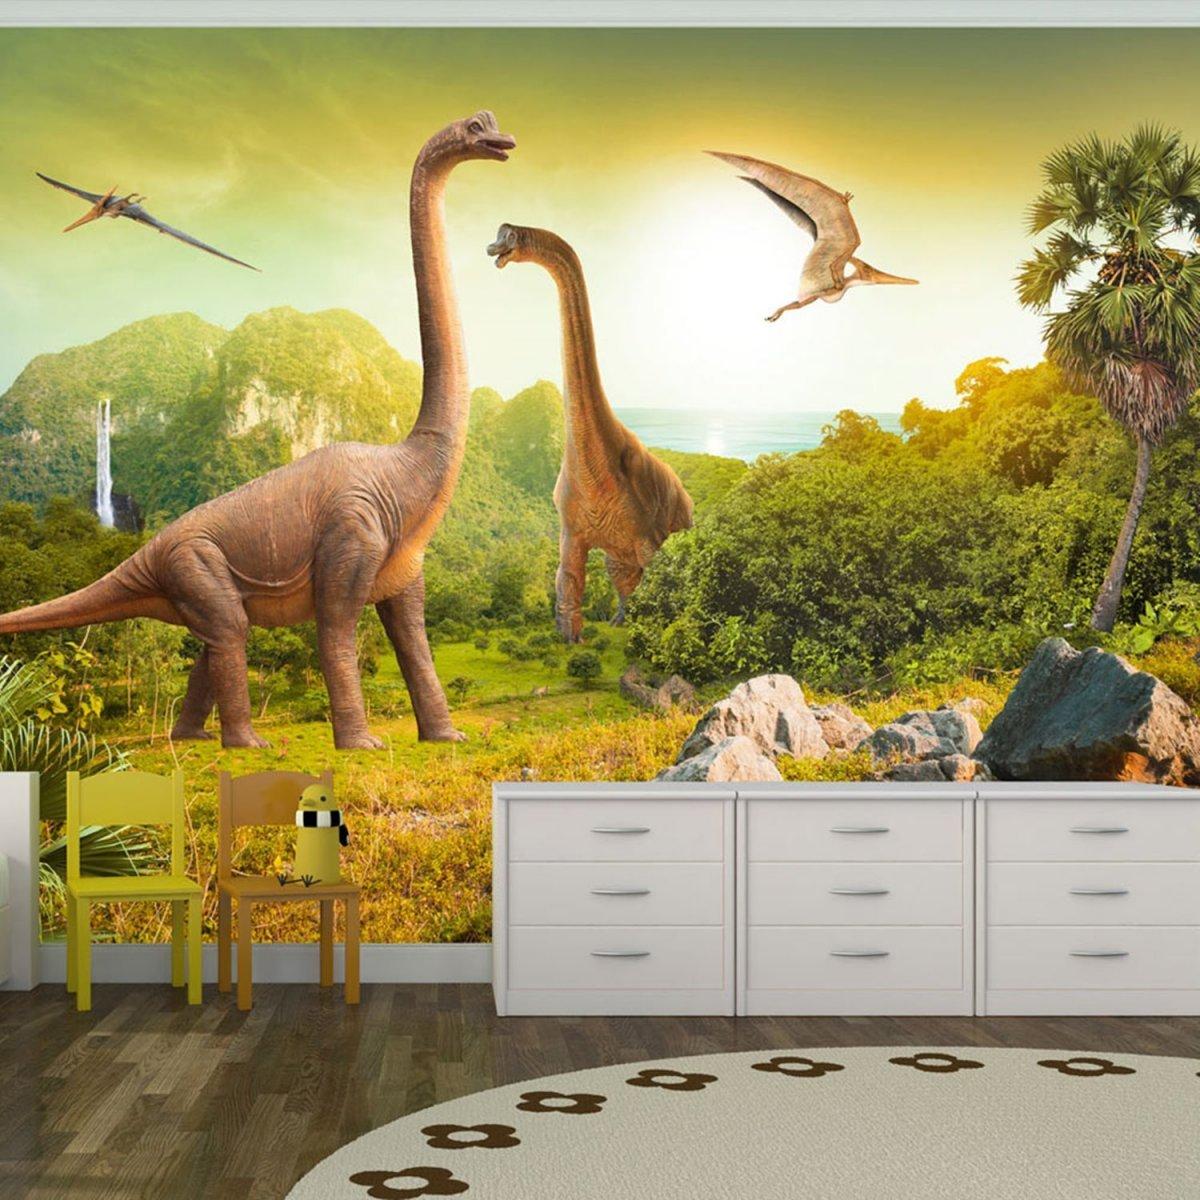 Φωτοταπετσαρίες τοίχου 300 x 210 εκ. | Mymegamarket.gr